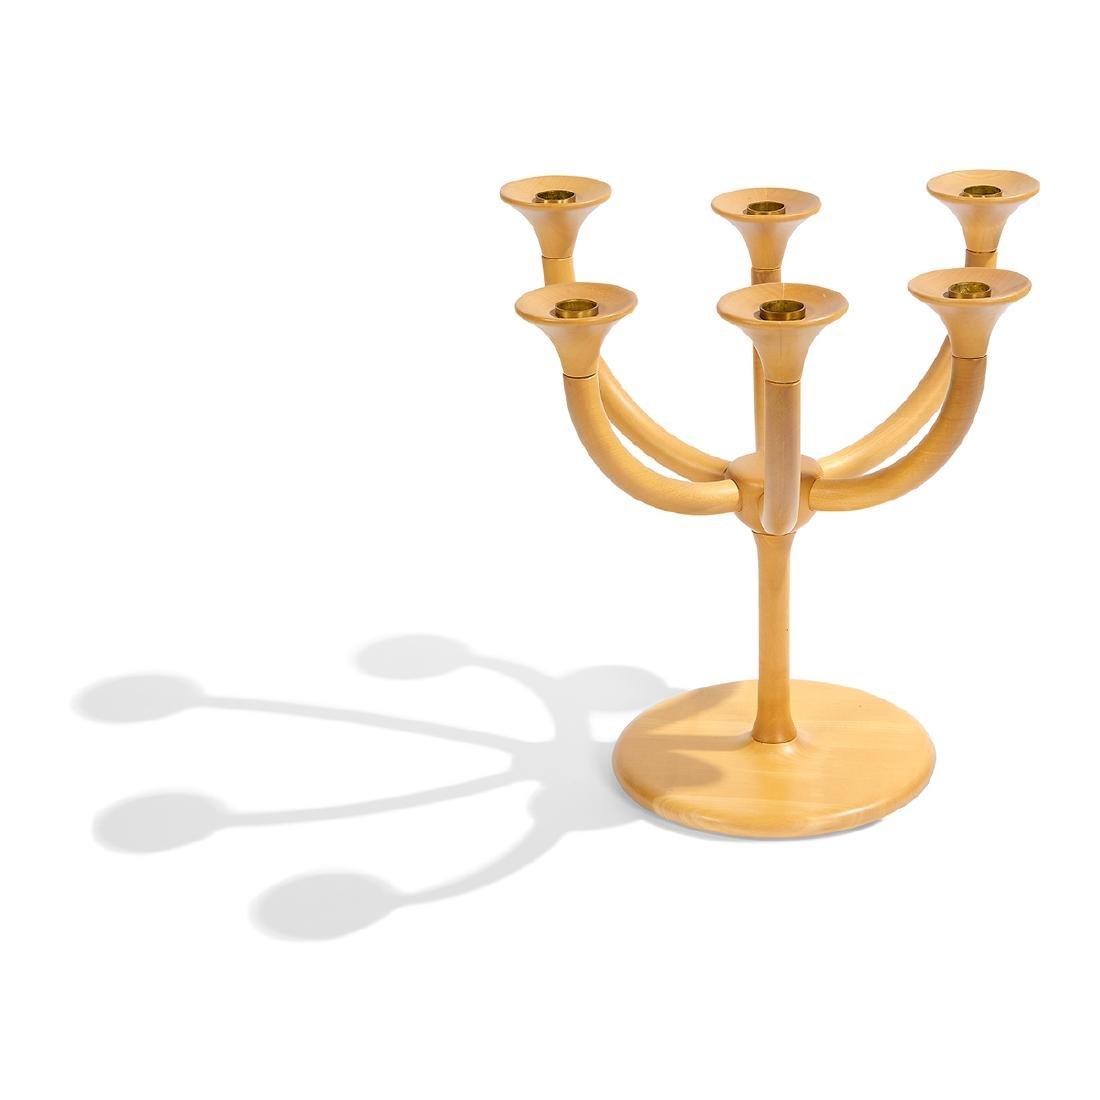 Nanna Ditzel for Brdr. Kruger candleholder - 3